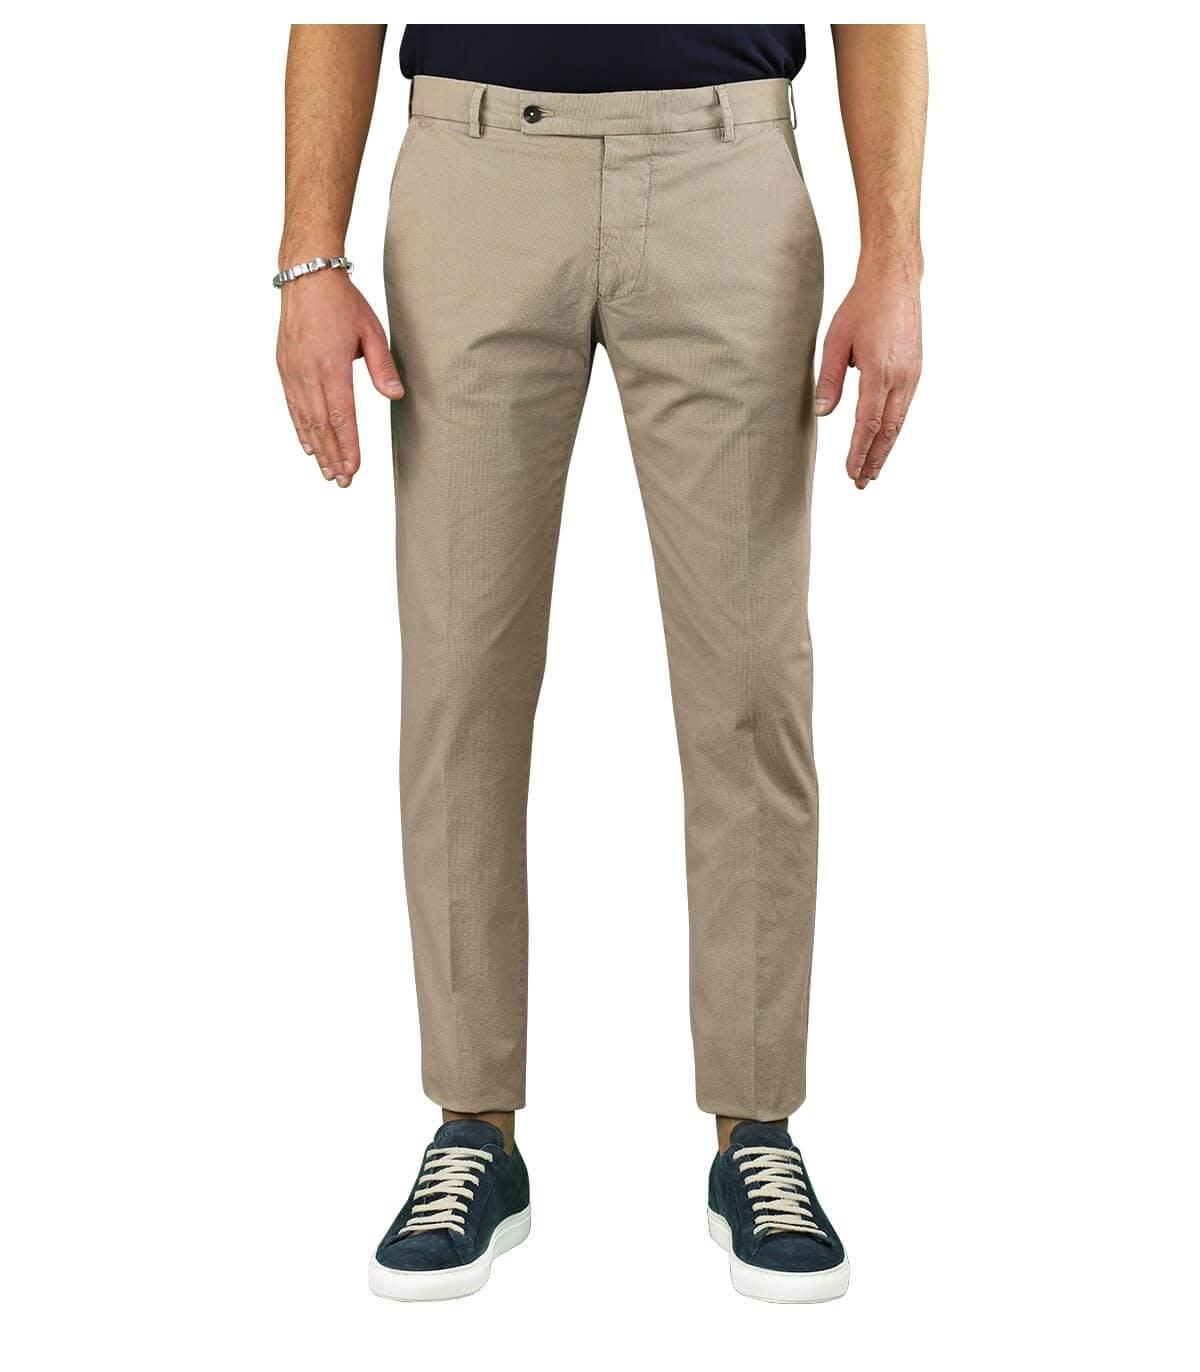 Morello Beige Chino Trousers